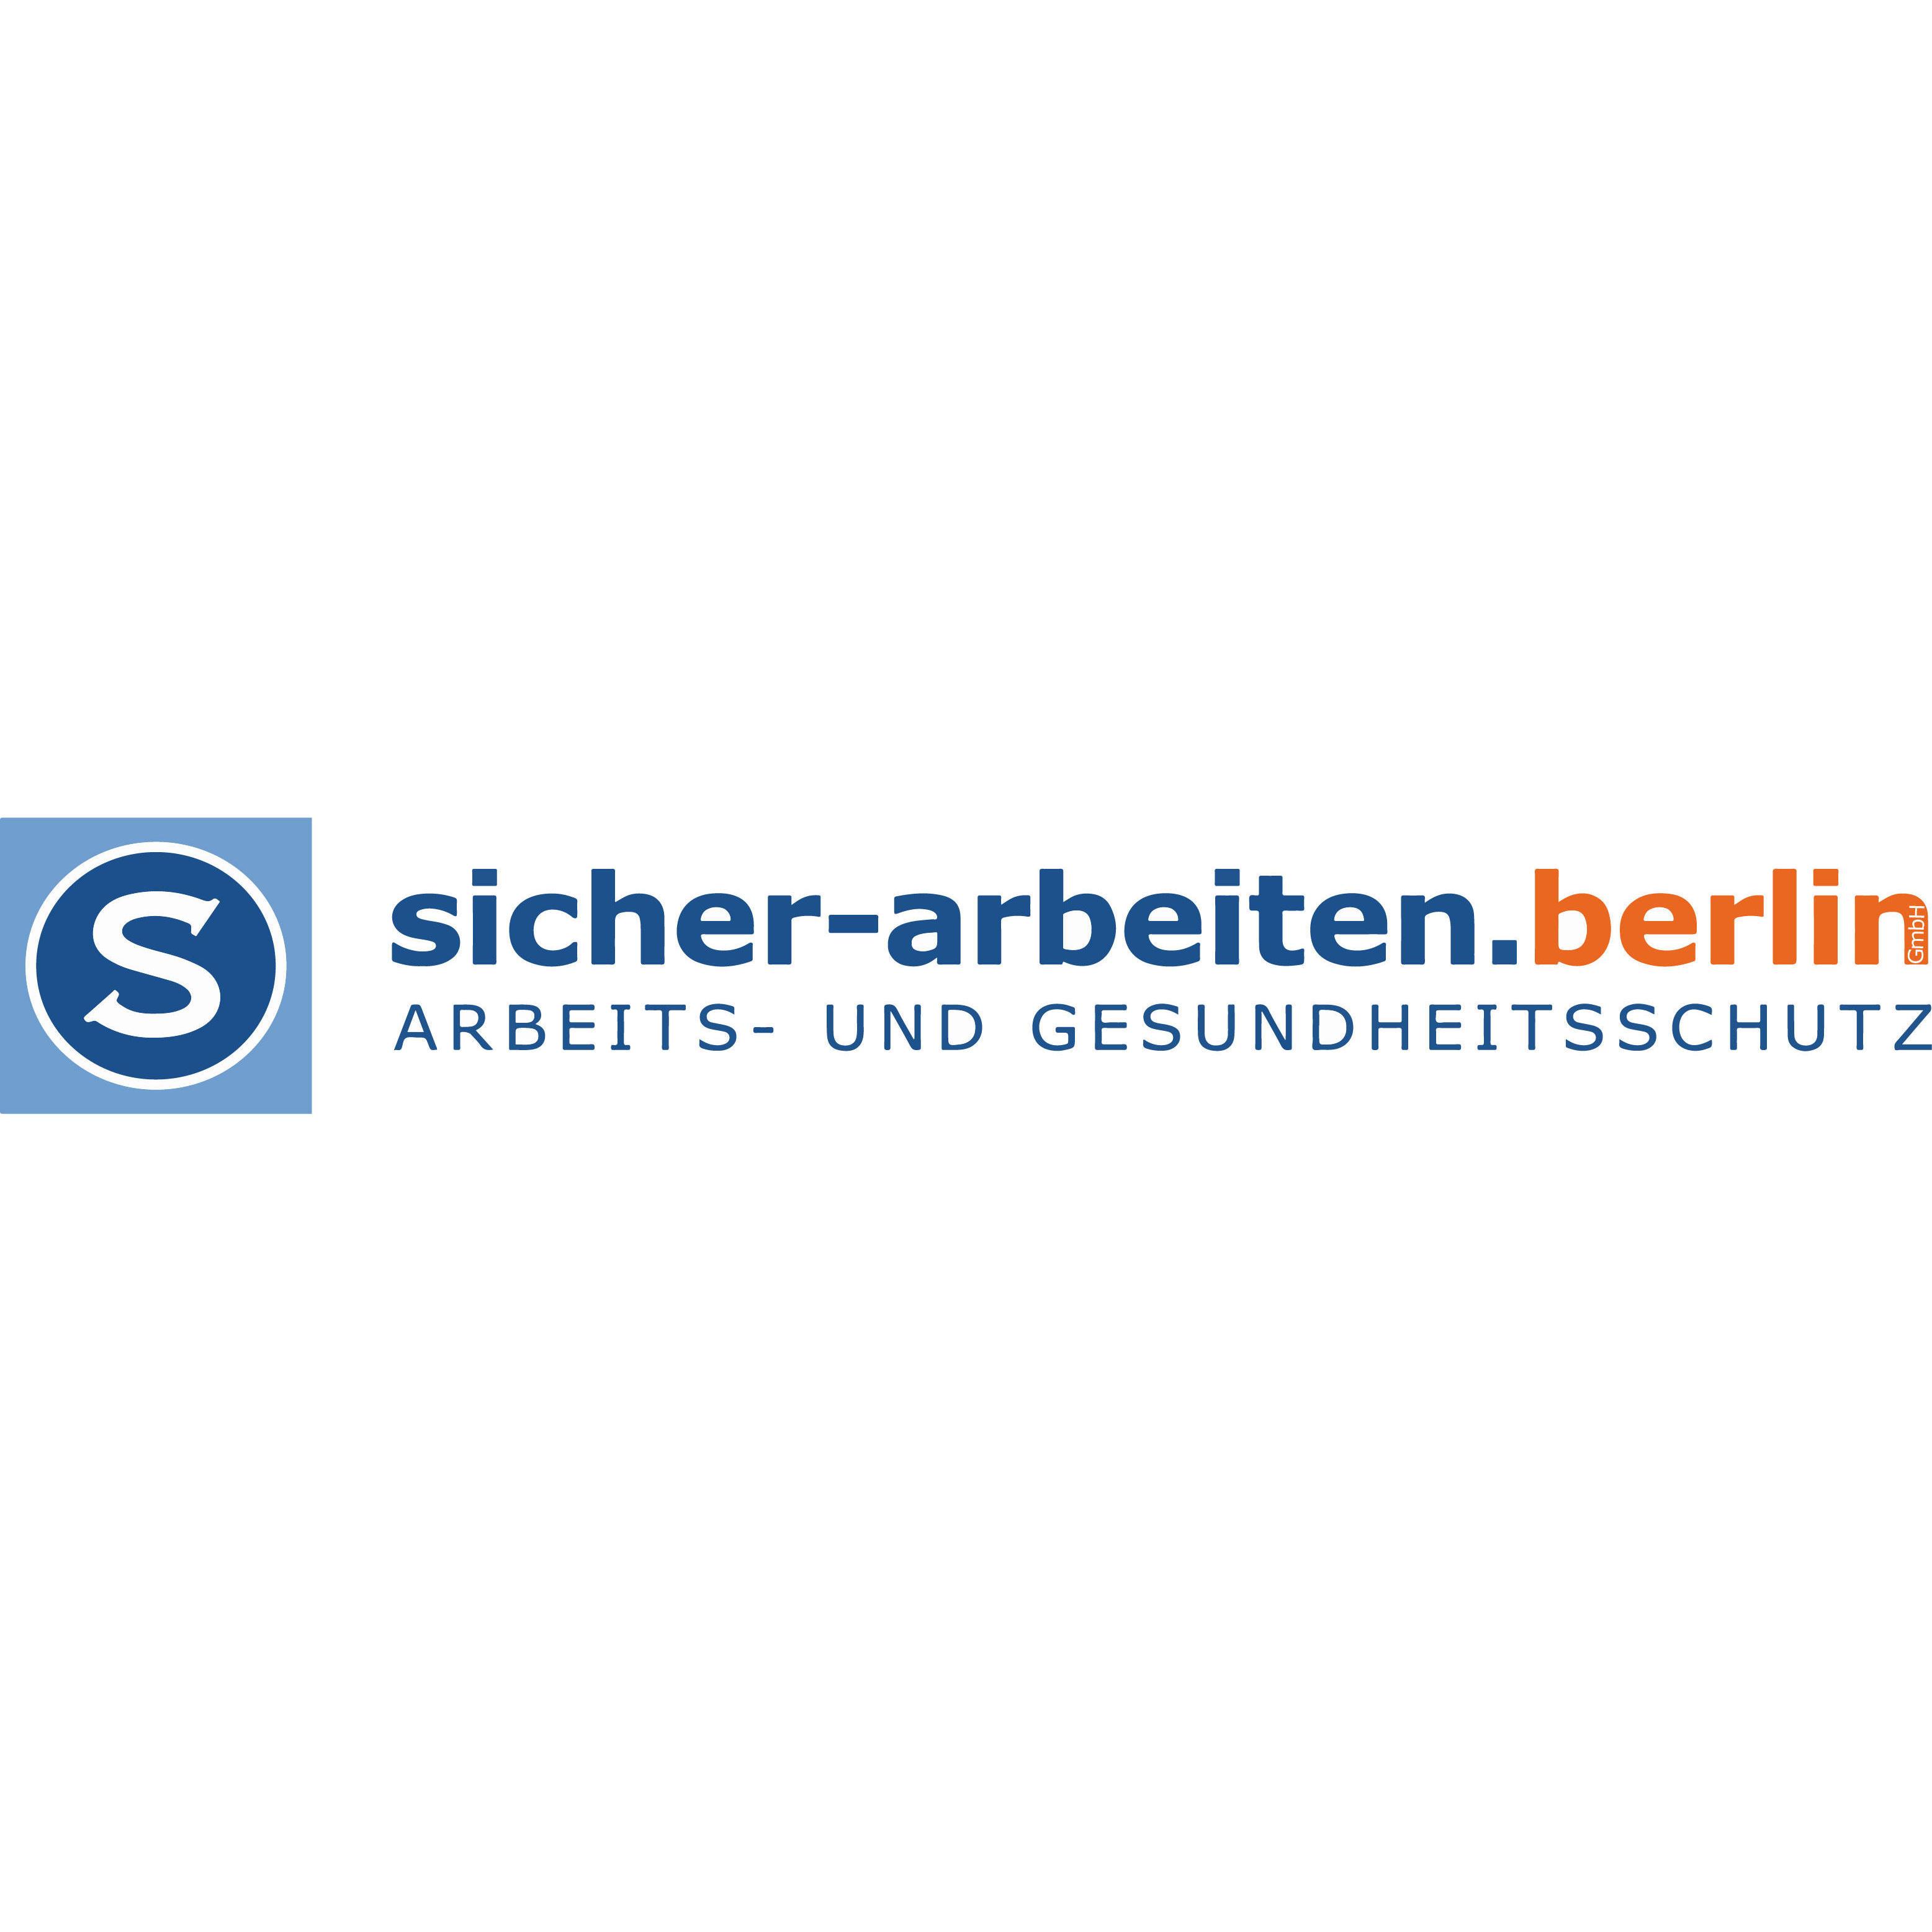 Bild zu sicher-arbeiten.berlin GmbH in Berlin